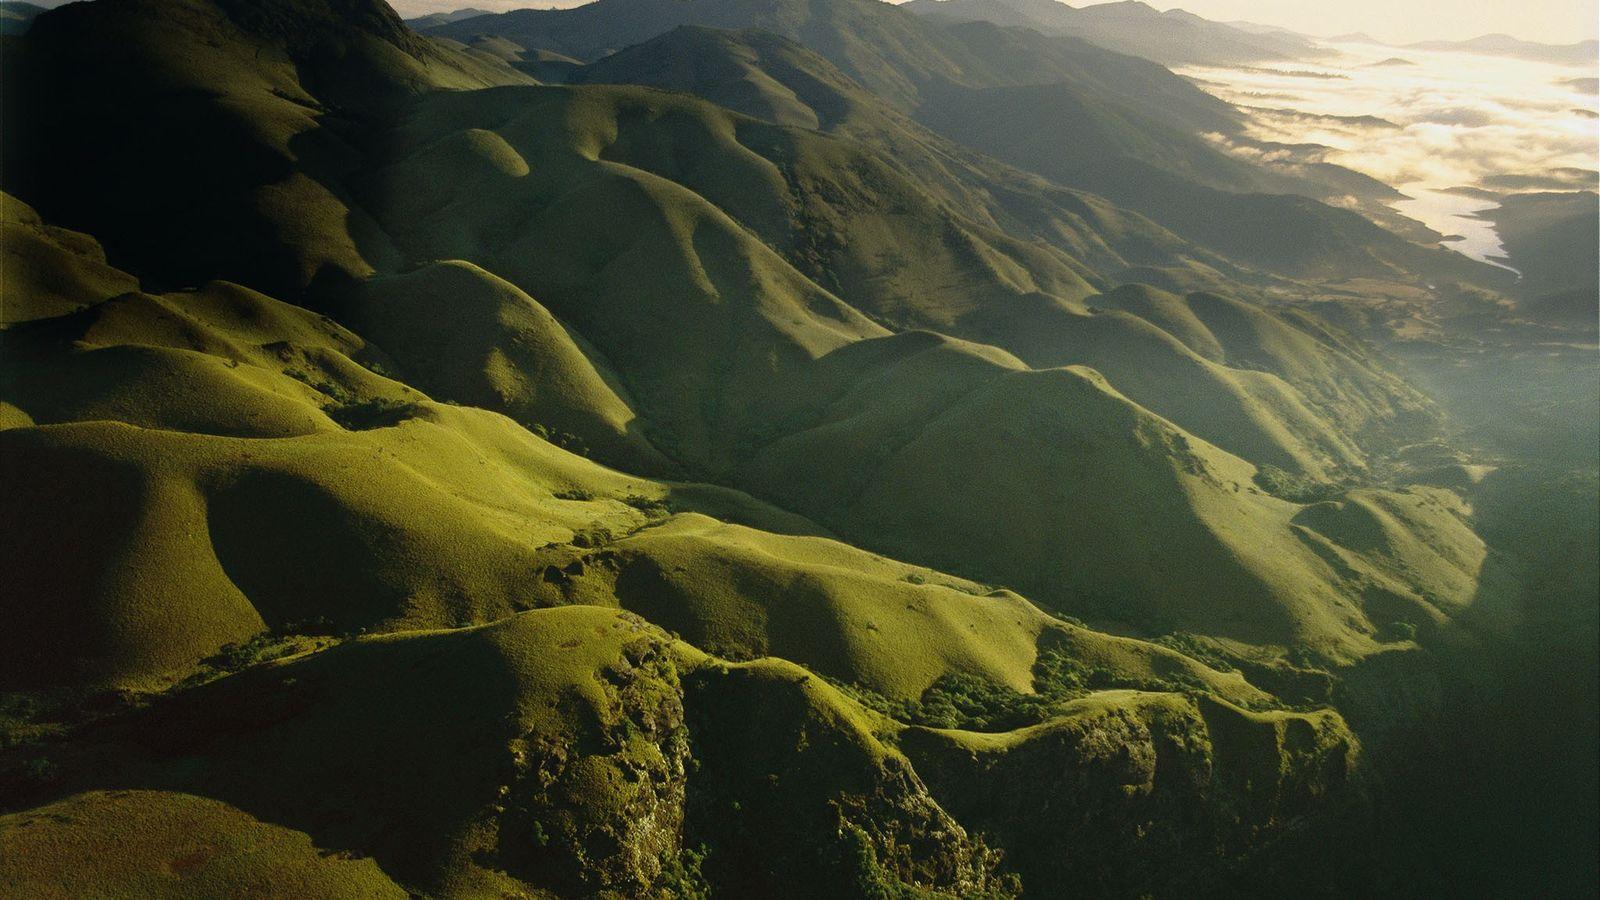 Au cours du Crétacé supérieur, des éruptions volcaniques ont formé ce que l'on connaît aujourd'hui comme ...